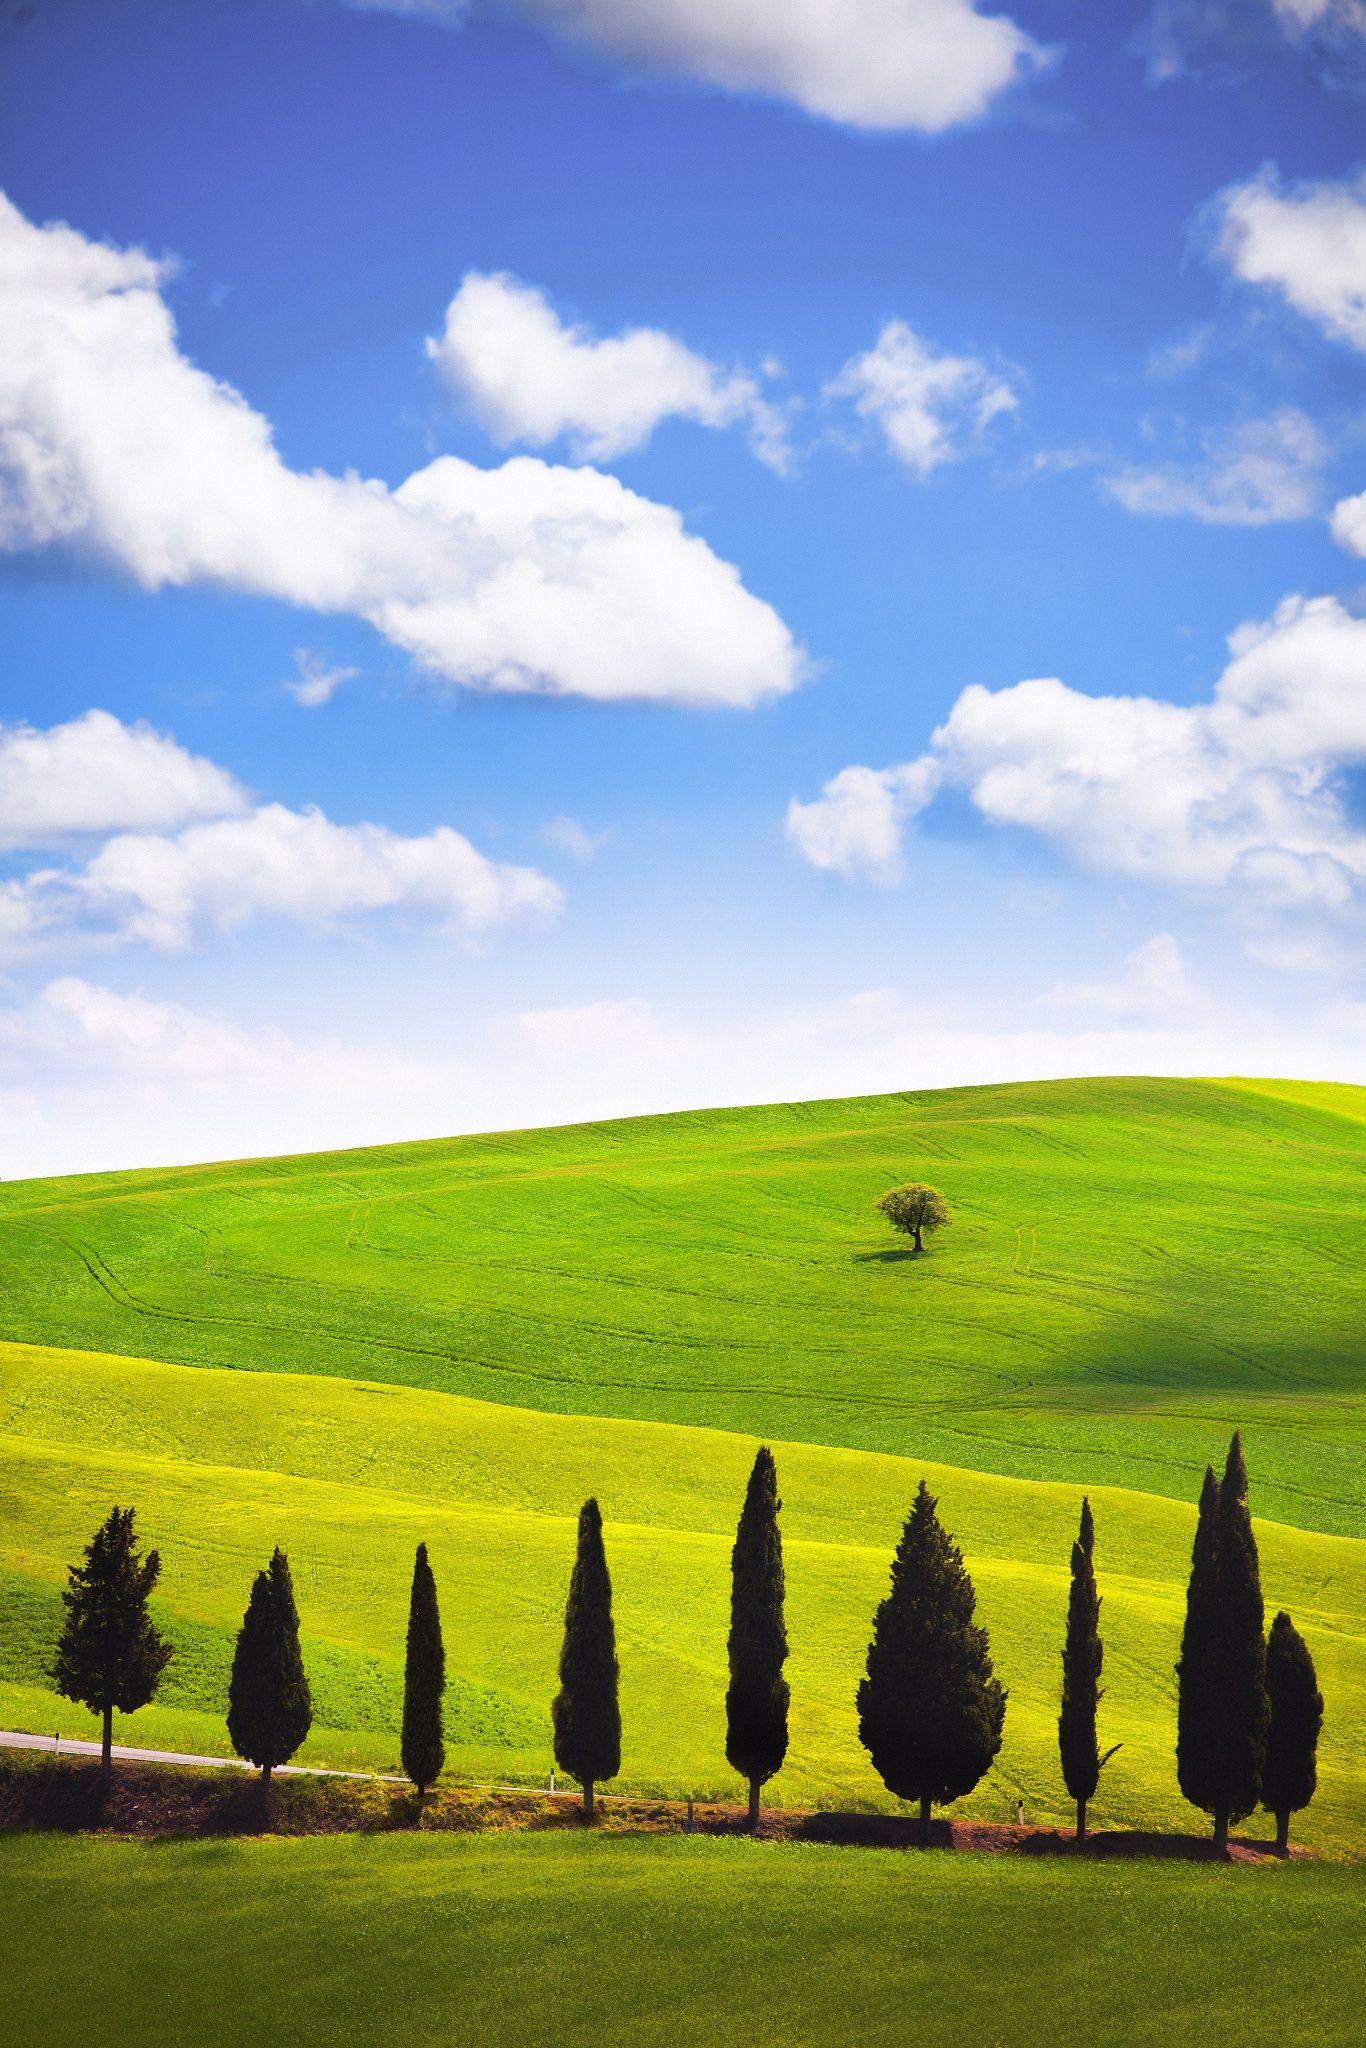 Tuscany Paradise, Italy by Sławomir Stępień on 500px